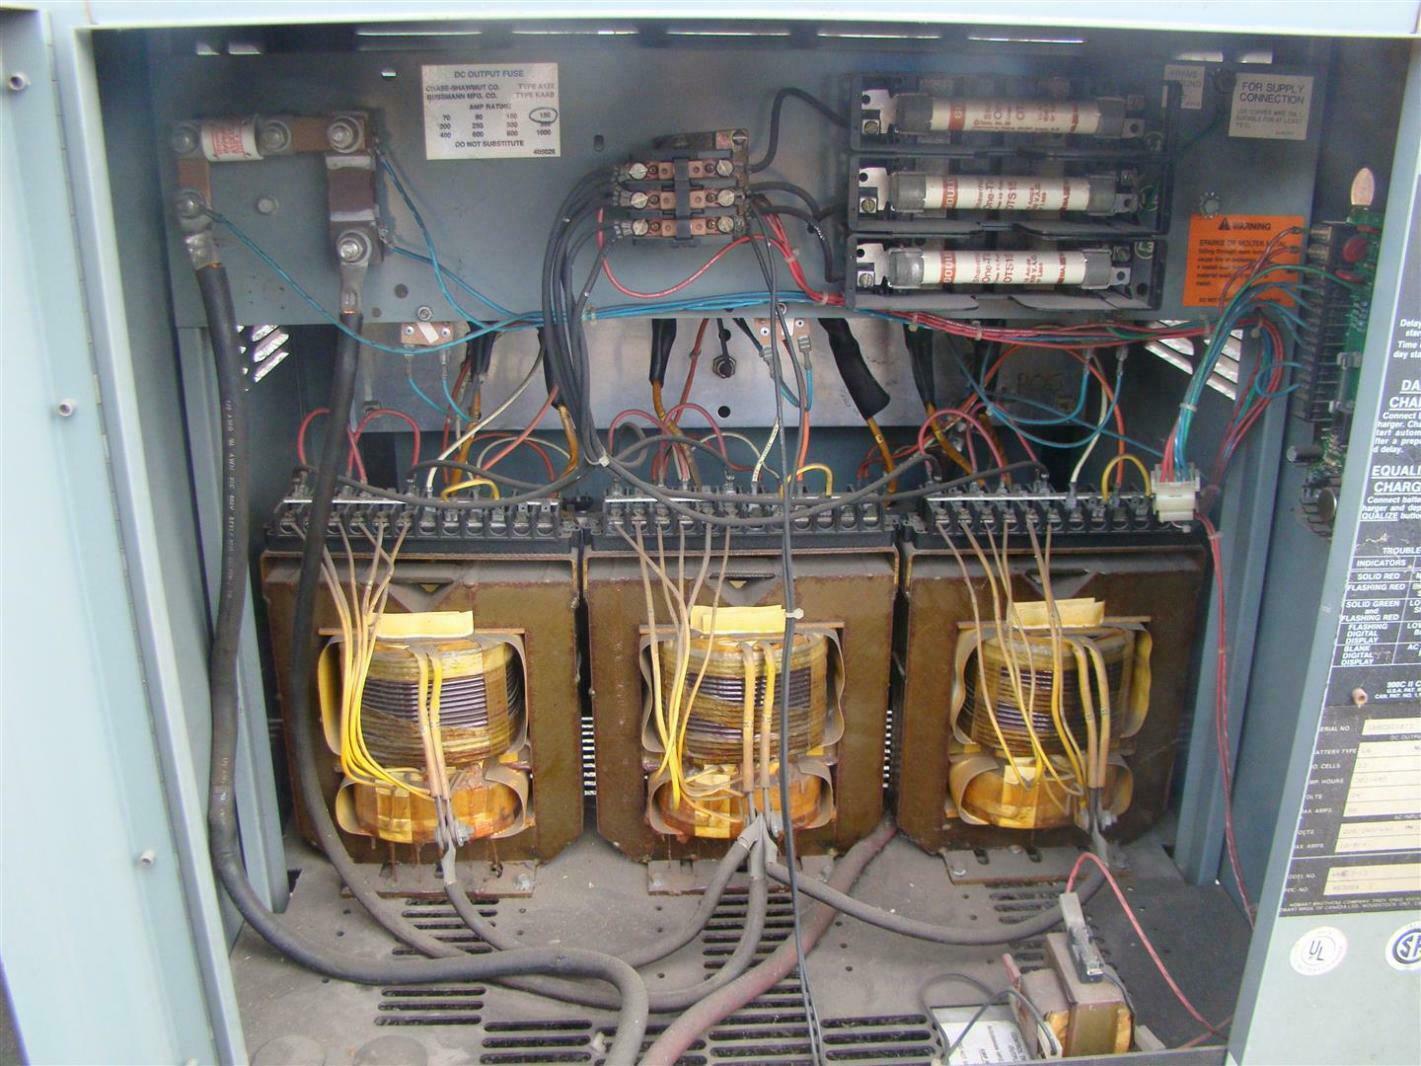 Hobart Accu Charger 24vdc Forklift 381 450 Ah 208 240 480v Battery Wiring Diagram